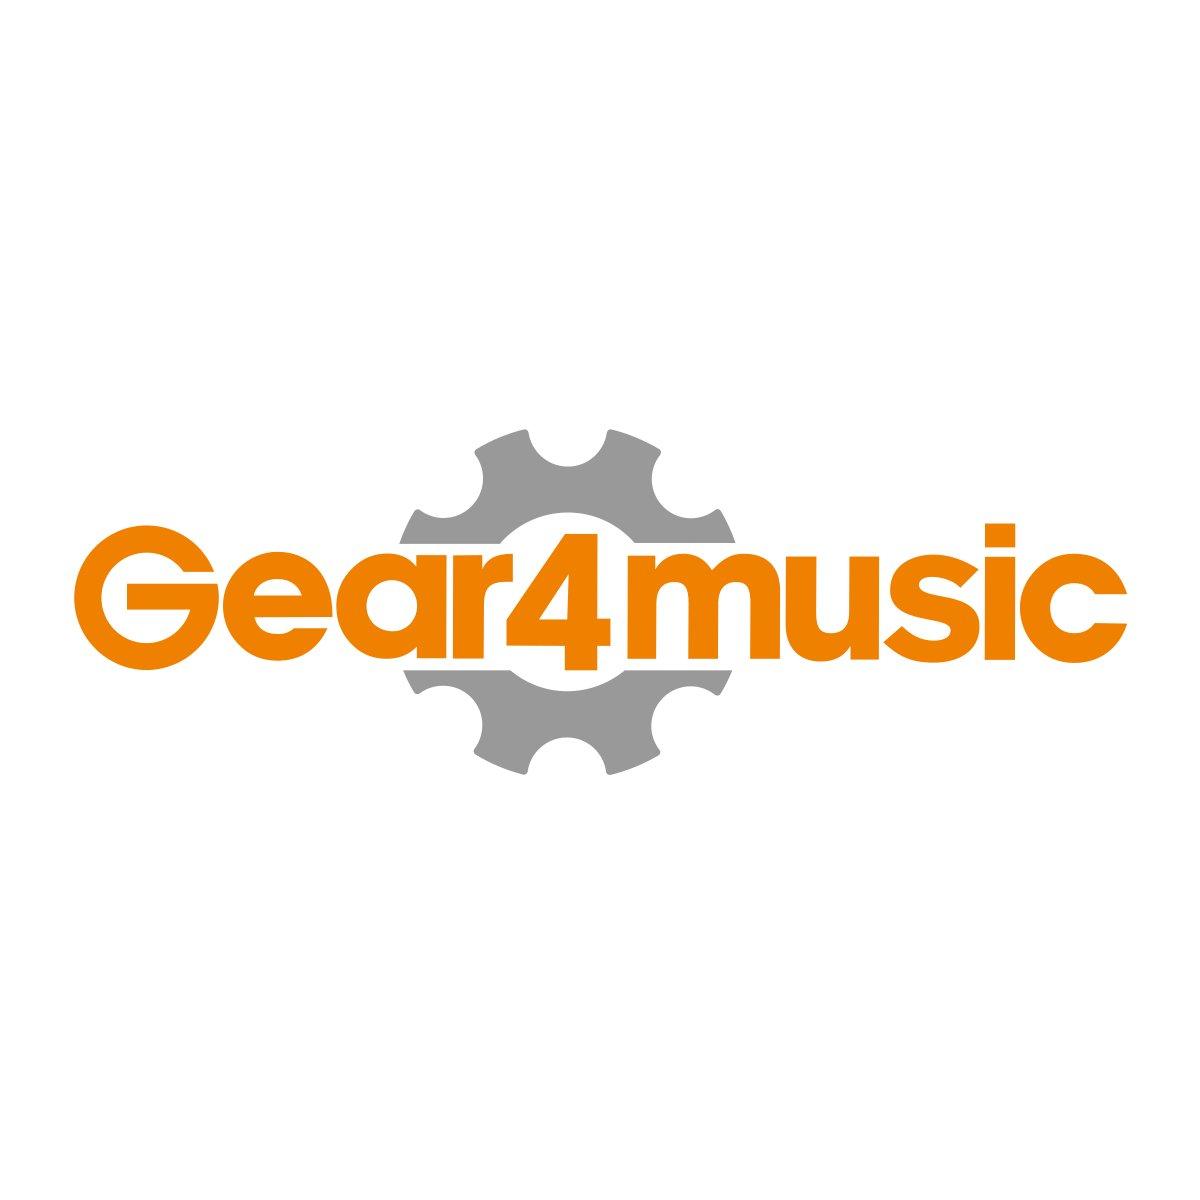 Dj Möbel dj möbel gear4music